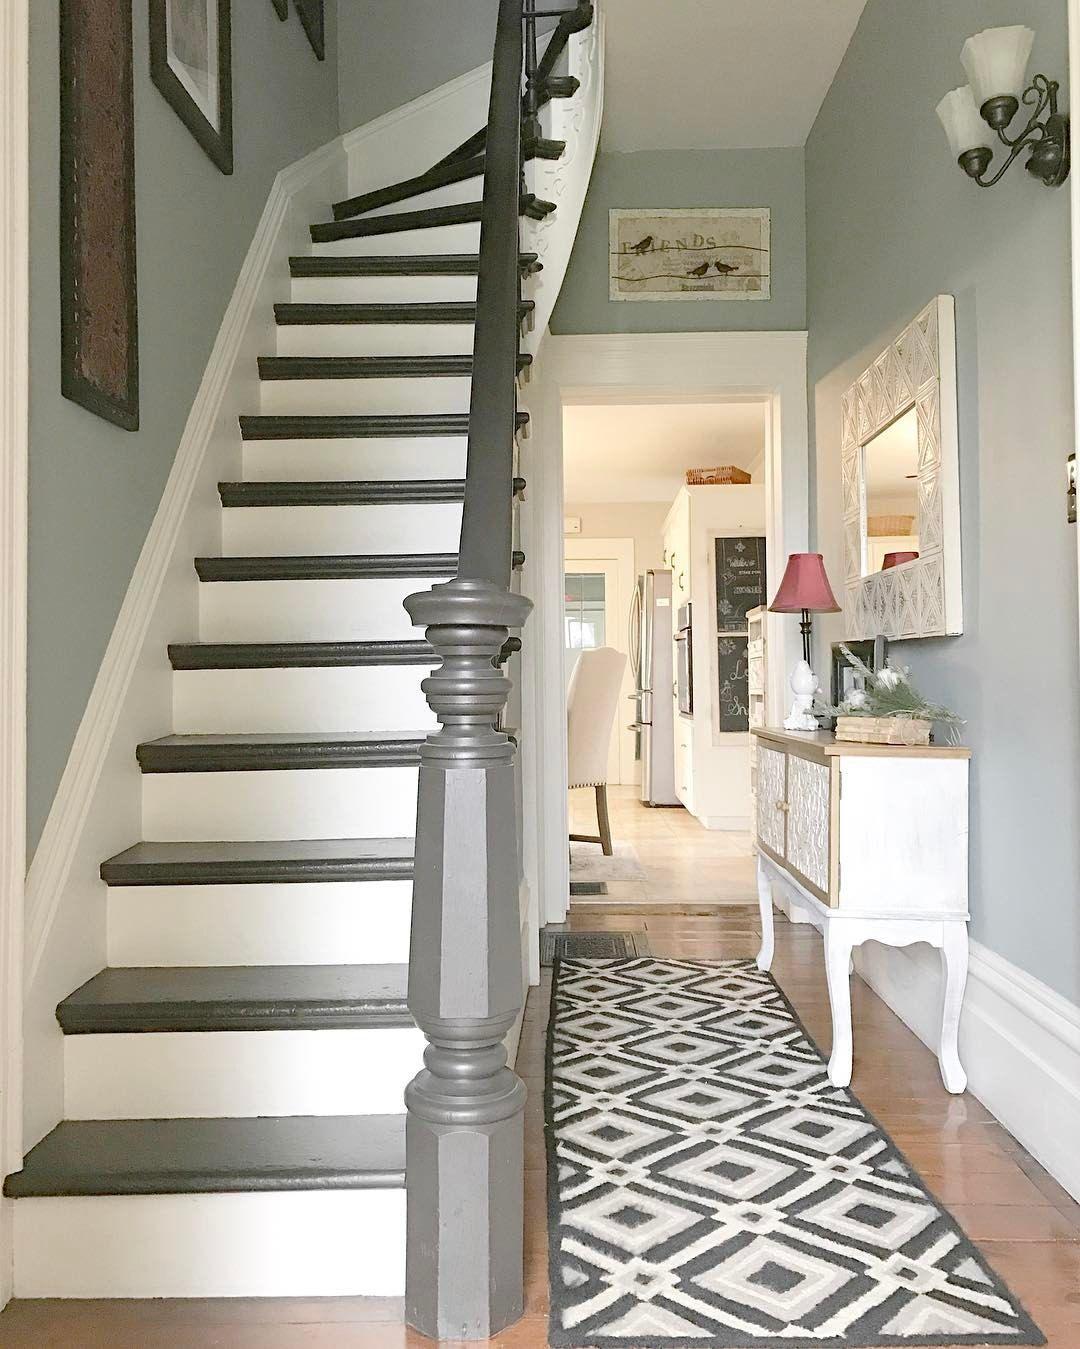 Hallway trim ideas  Entryway by designsbykaran Walls are Benjamin Moore Piedmont Gray